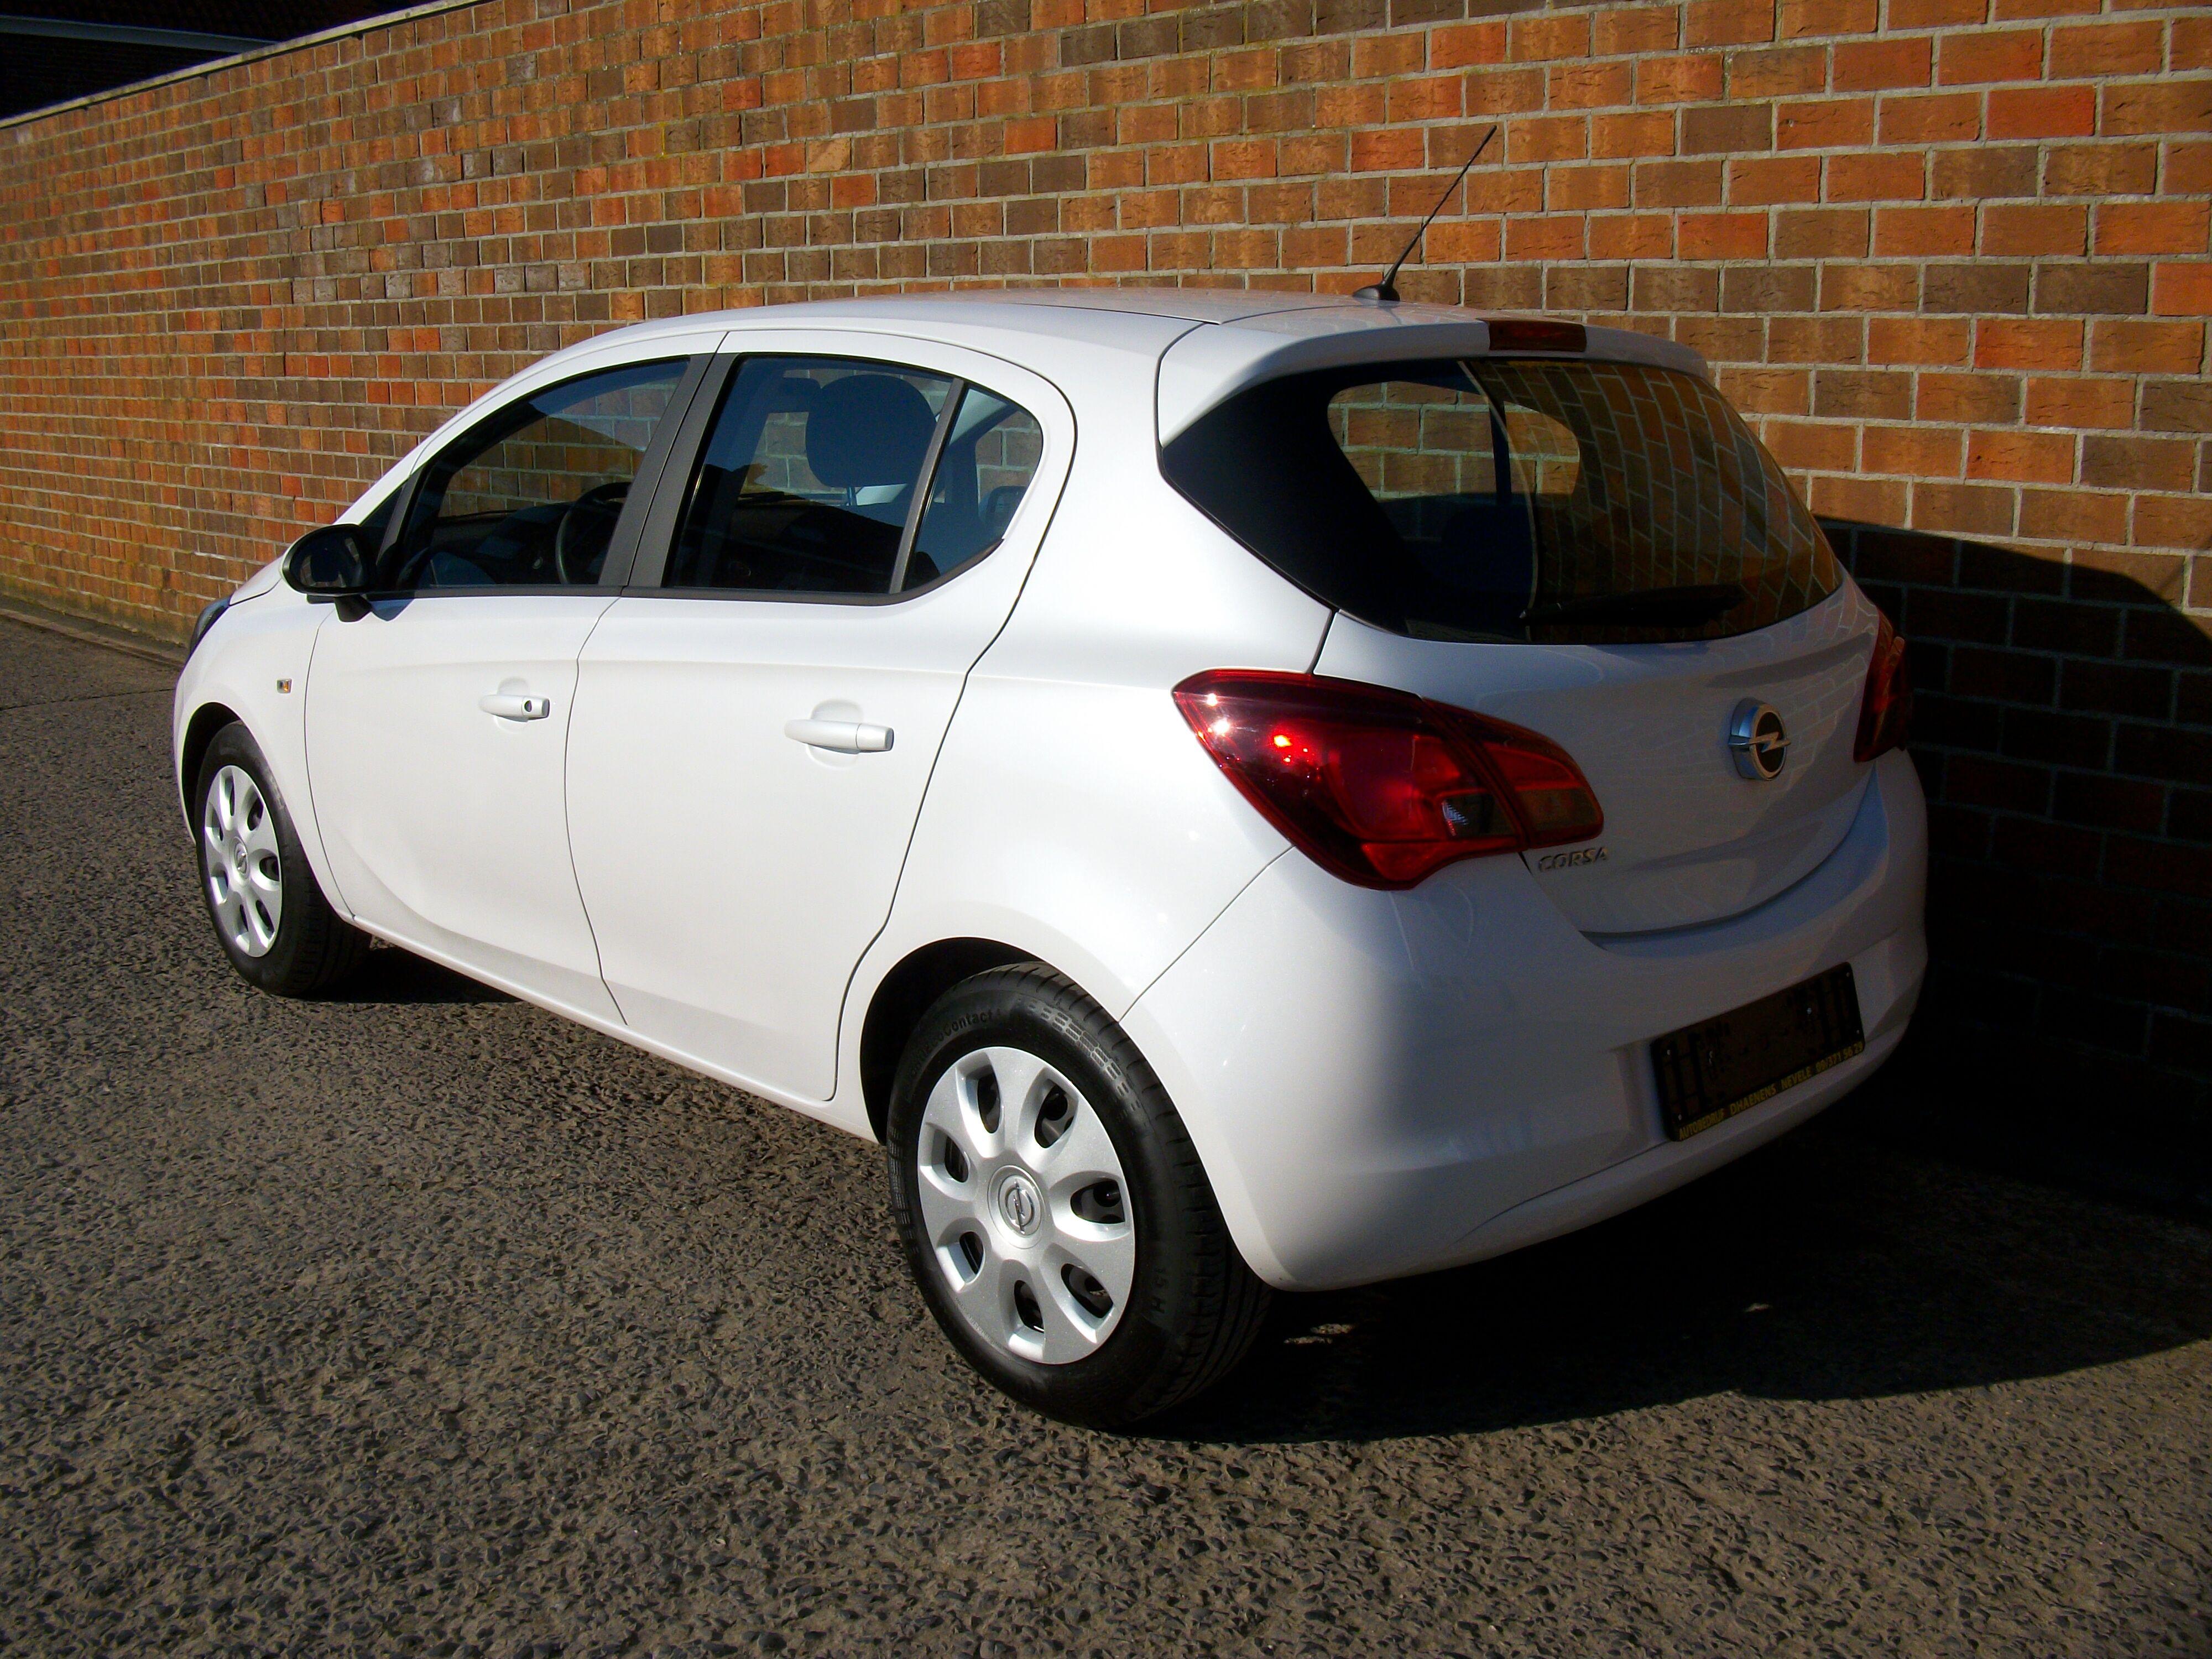 Opel Corsa CORSA E 1.2 Benz. - 5 deur 2/15